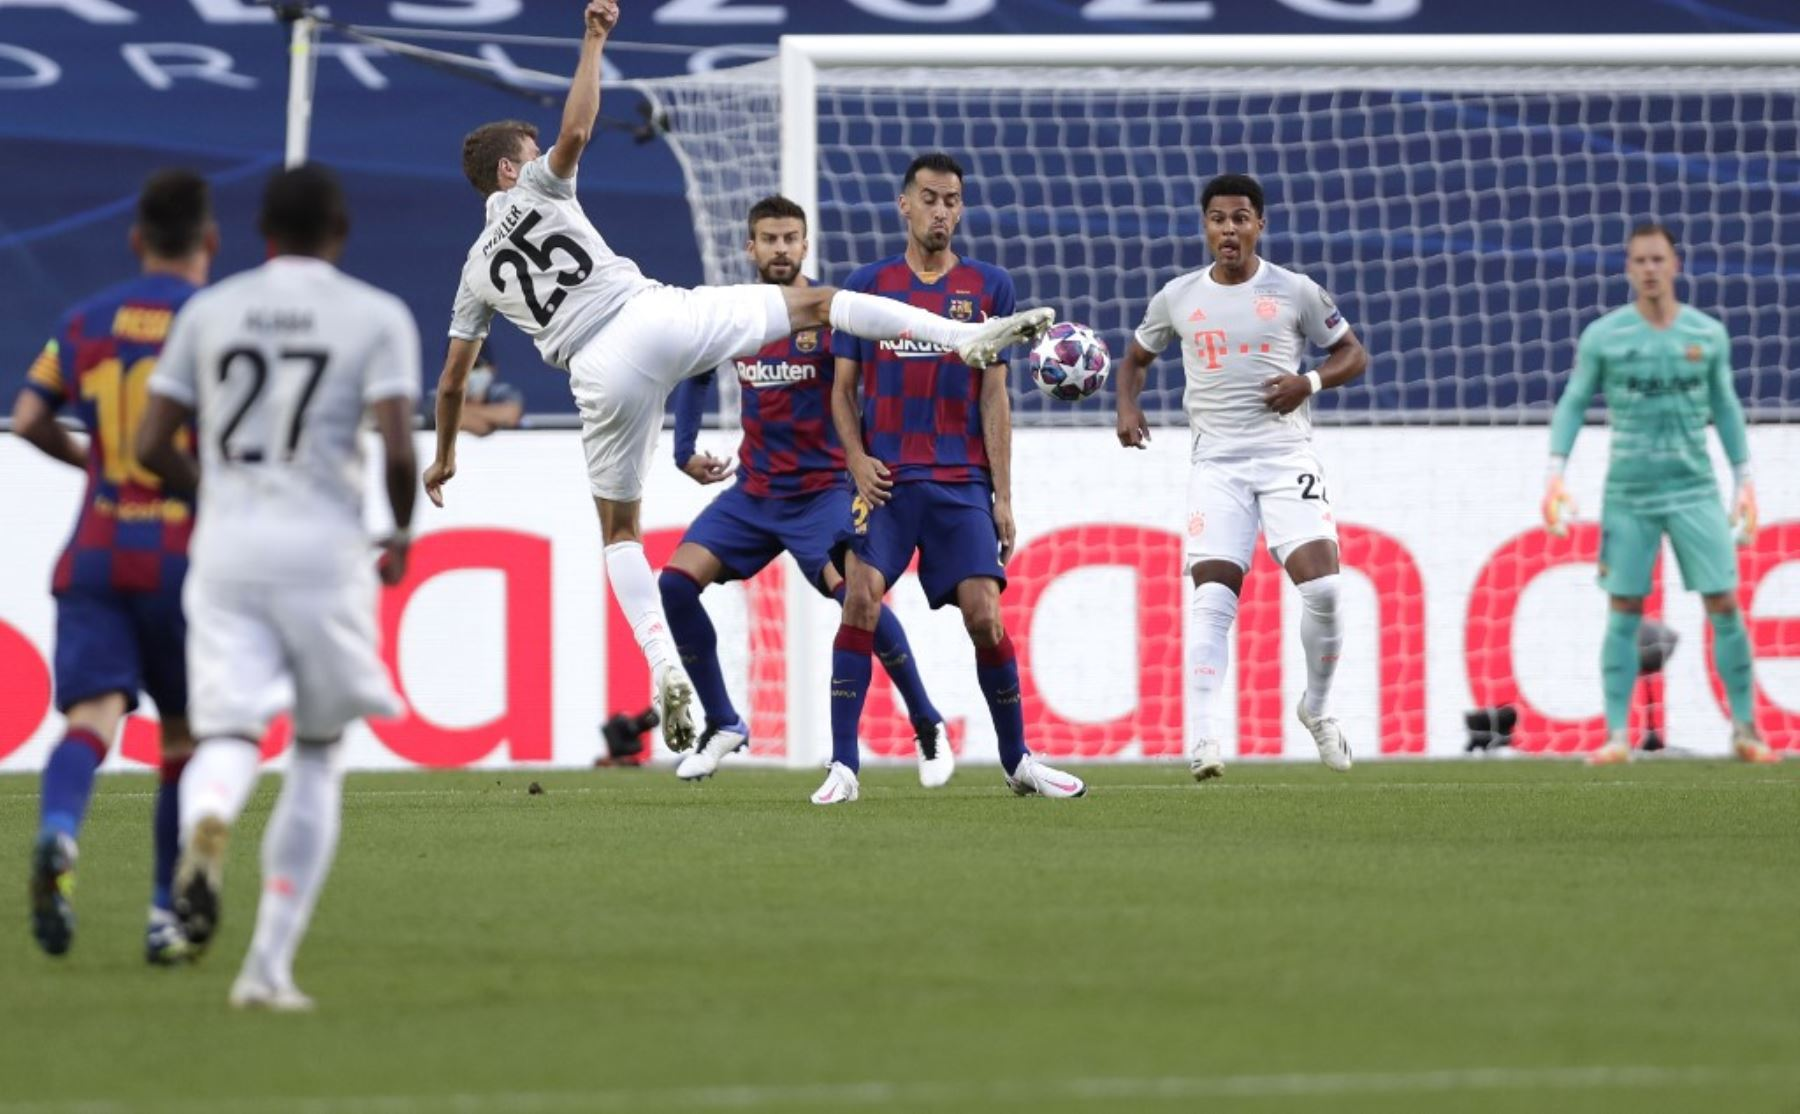 El delantero alemán del Bayern Munich Thomas Mueller marca un gol durante el partido de fútbol de cuartos de final de la Liga de Campeones de la UEFA entre el Barcelona y el Bayern Munich en el estadio Luz de Lisboa.Foto:AFP